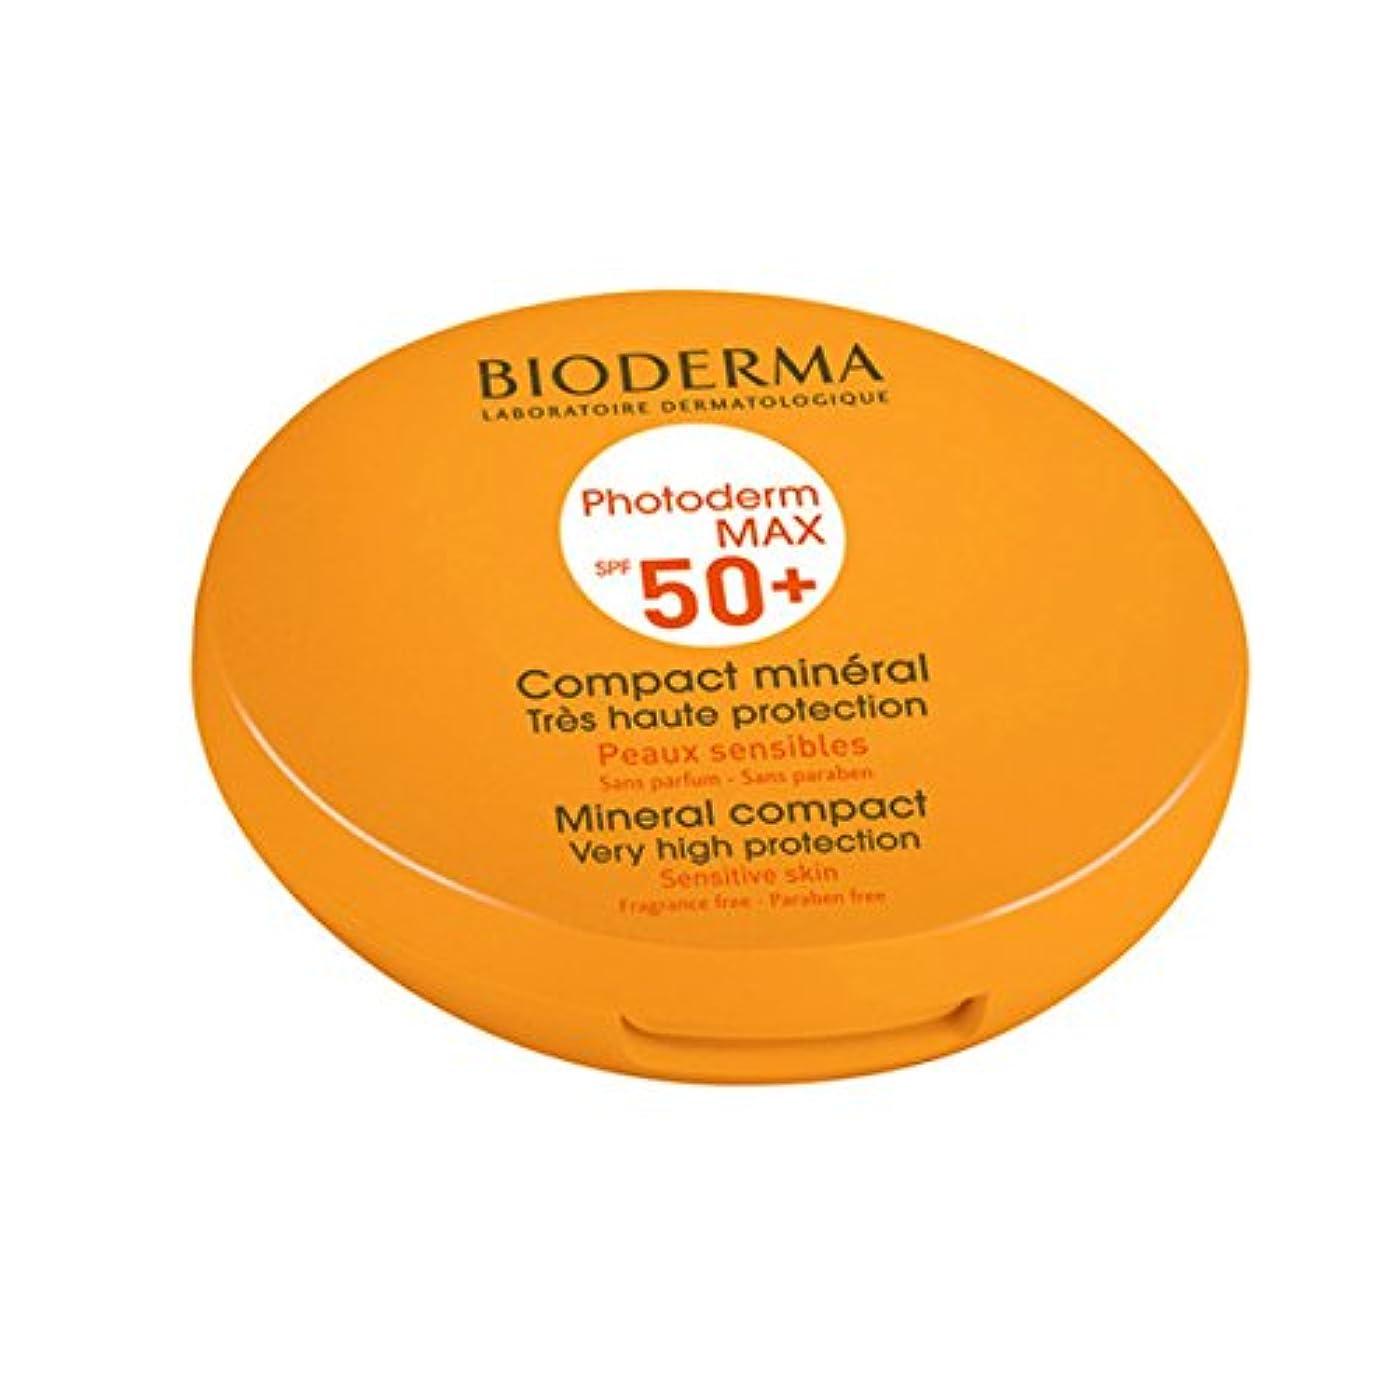 北米不実発明するBioderma Photoderm Max Compact Mineral 50+ Golden 10g [並行輸入品]